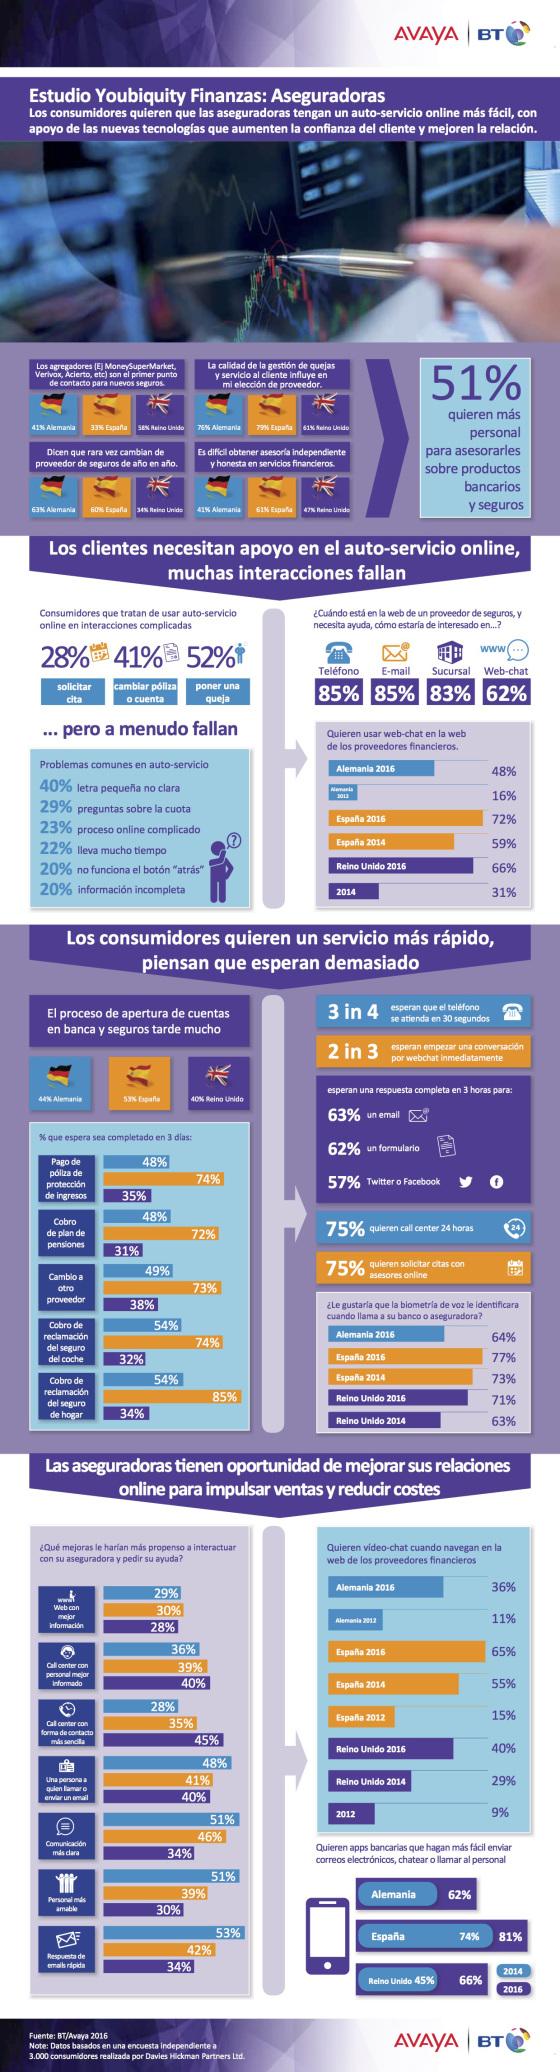 Tendencias de consumo en el sector de los seguros